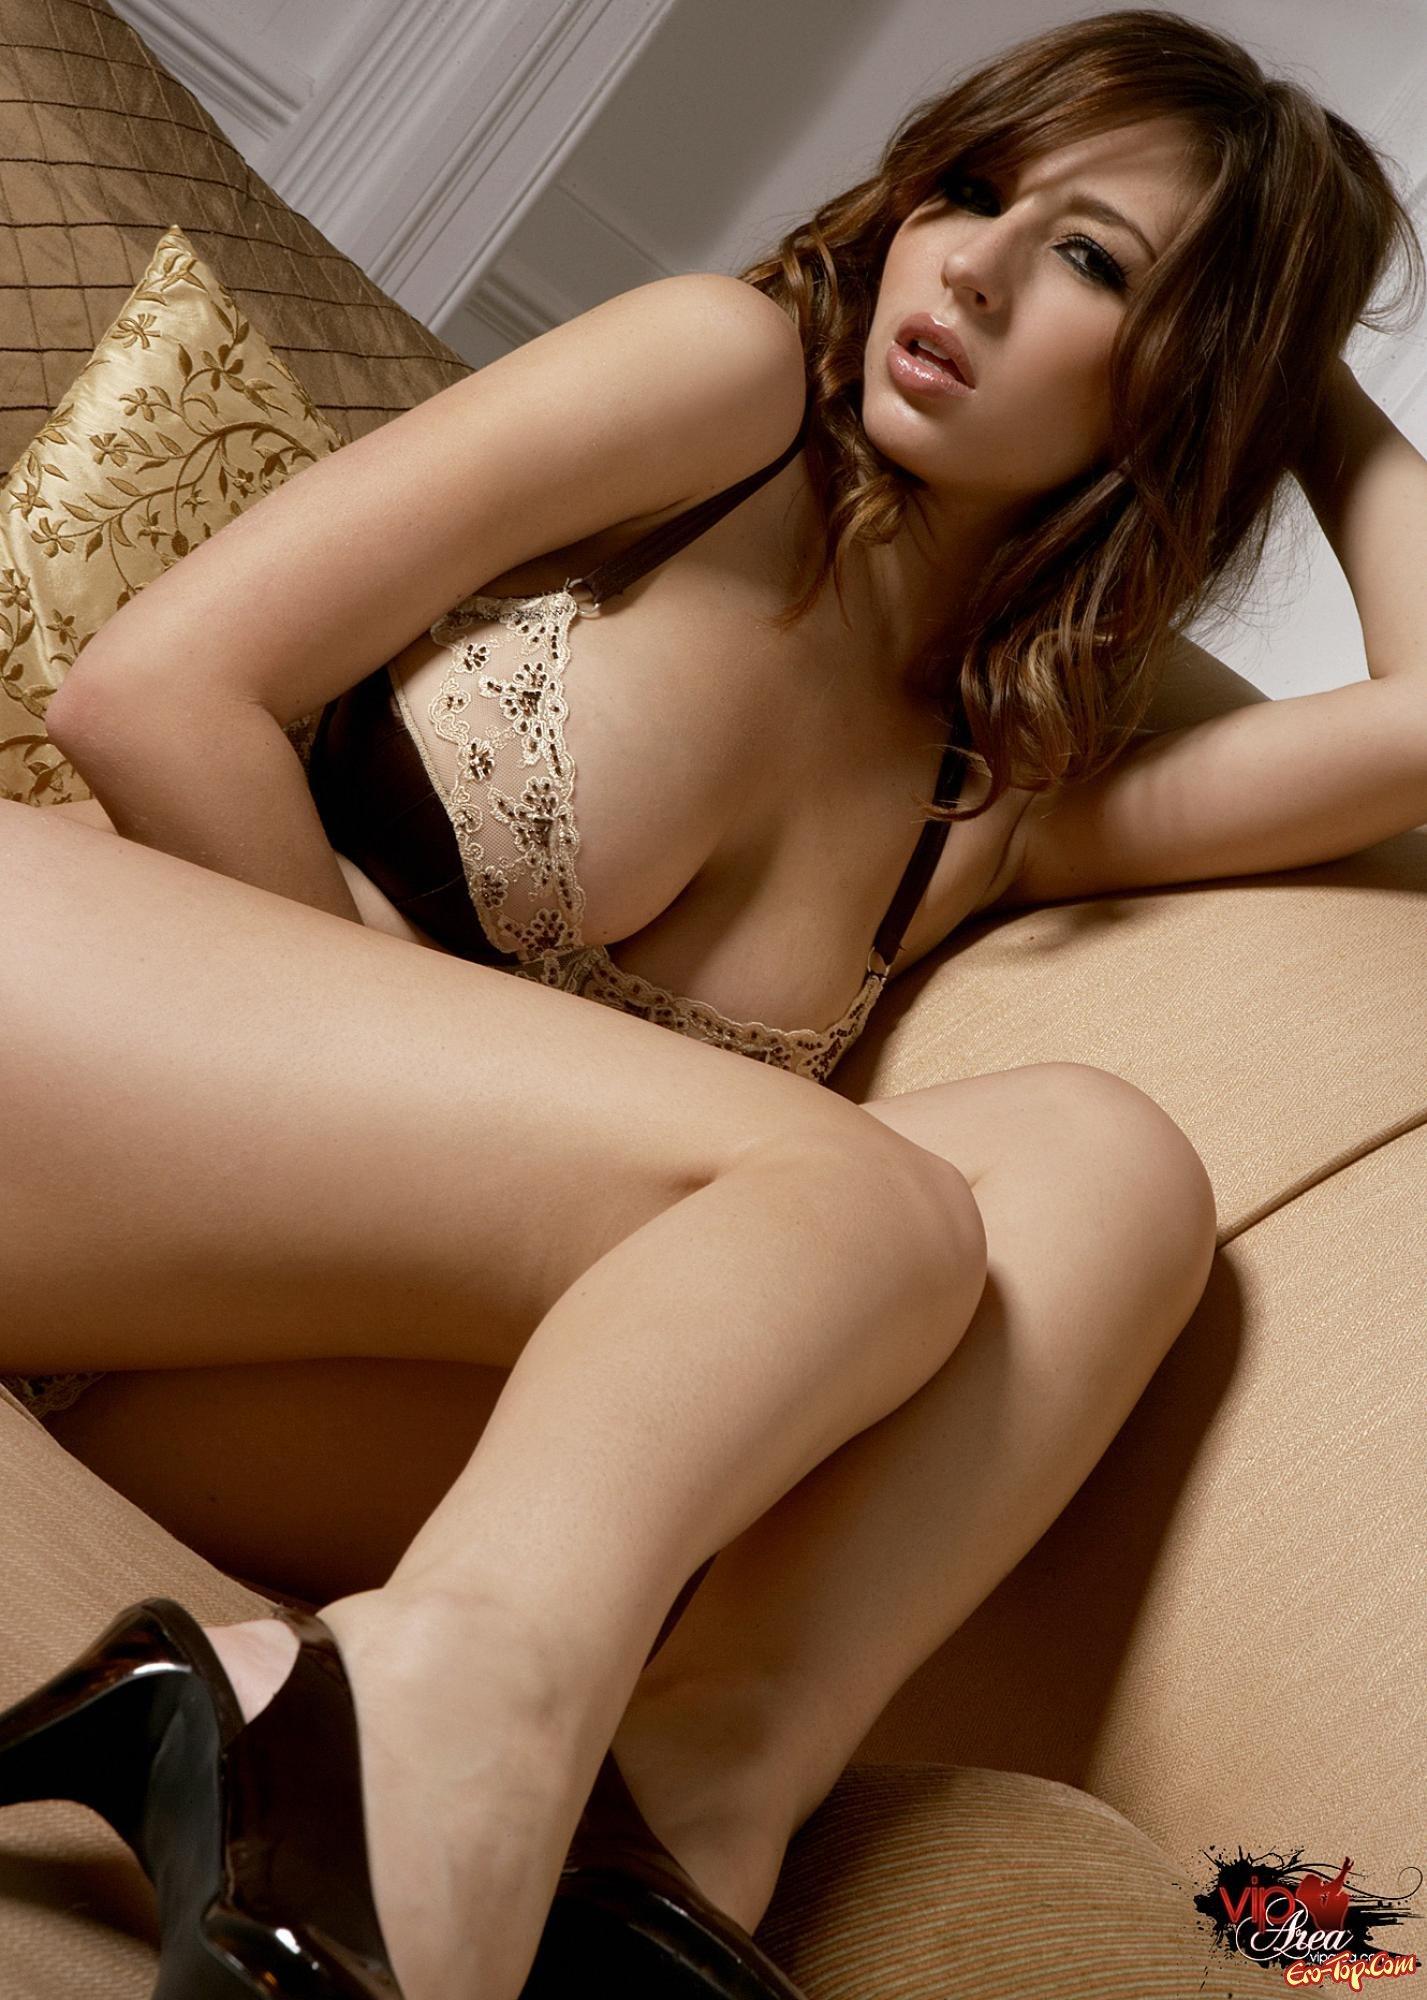 Хорошая голая девушка смотреть эротику